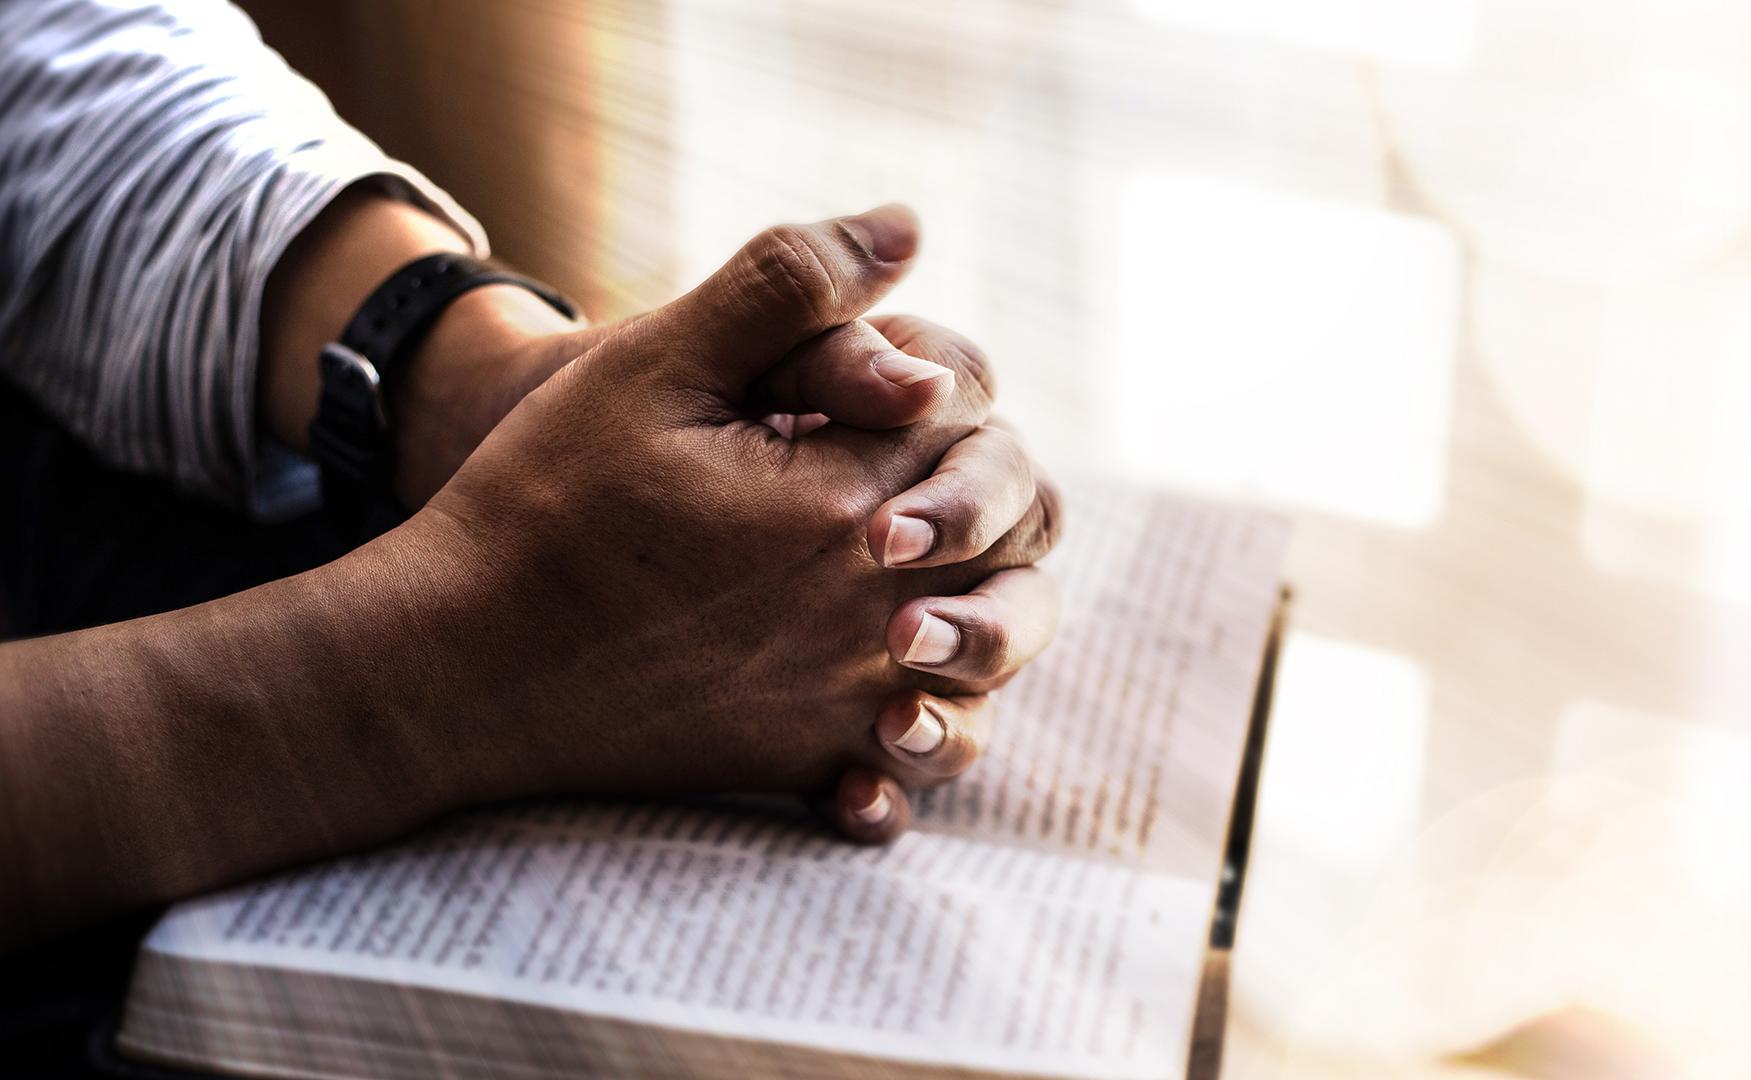 Lea la Biblia en un año : 215º día11 min read